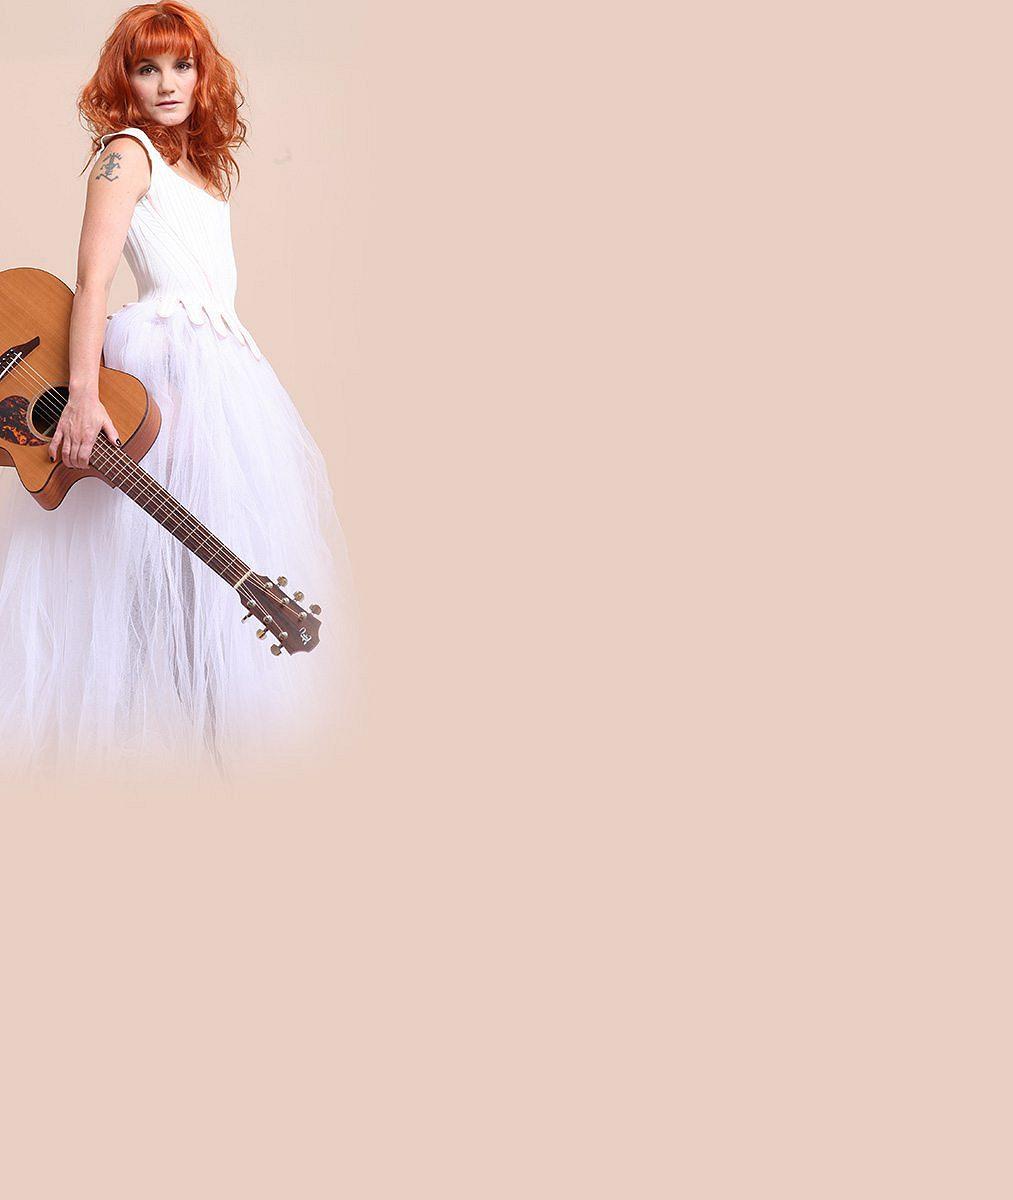 Konečně si ji všimnete nejen na jevišti: Známá muzikálová zpěvačka teď uchvacuje své okolí jako rajcovní zrzka